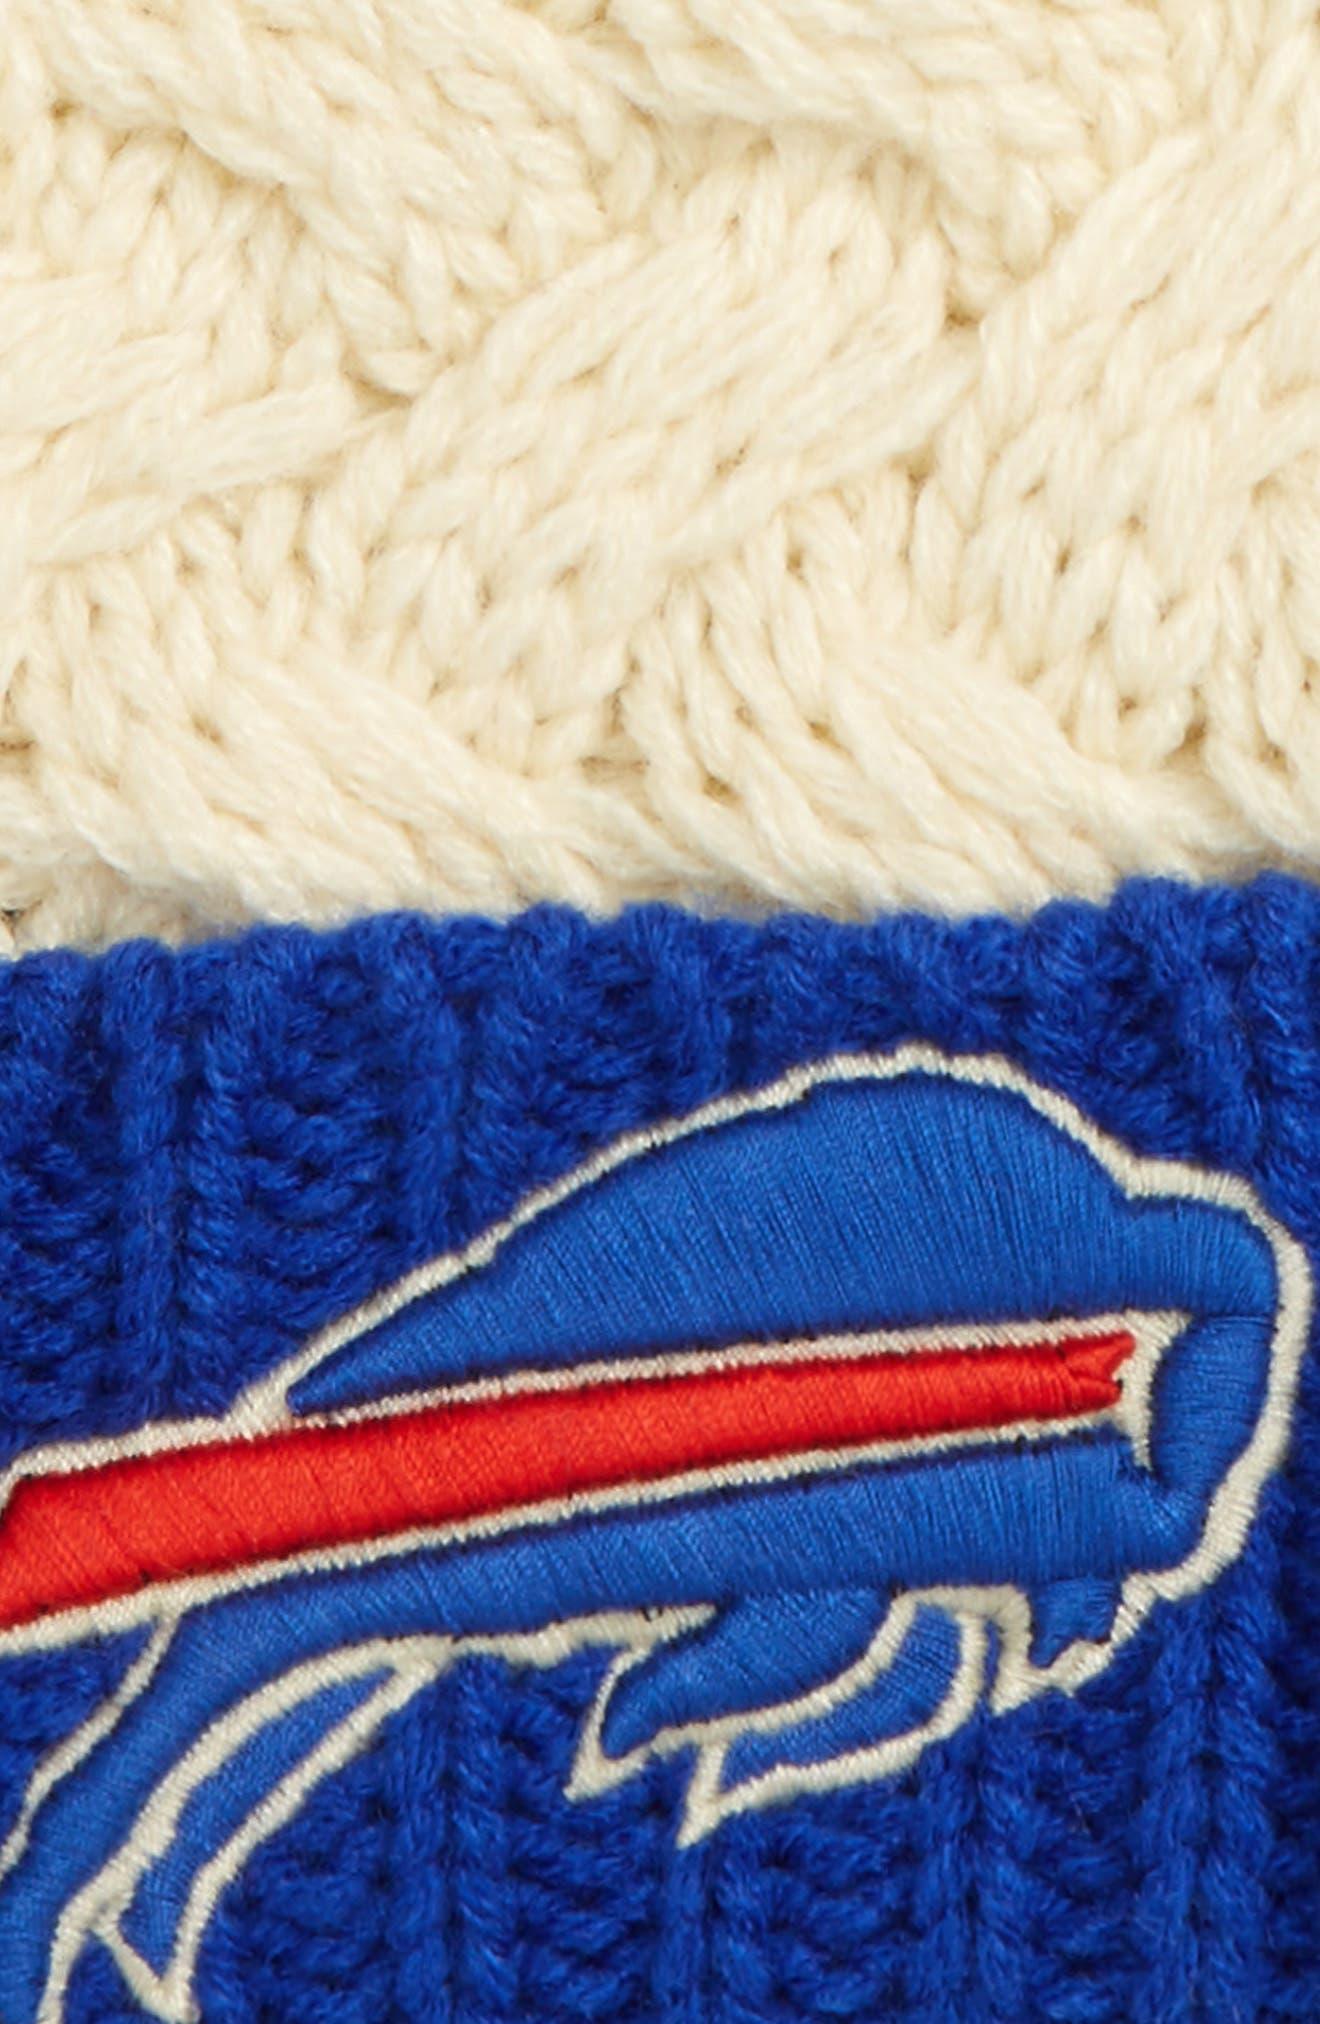 Matterhorn Buffalo Bills Beanie,                             Alternate thumbnail 2, color,